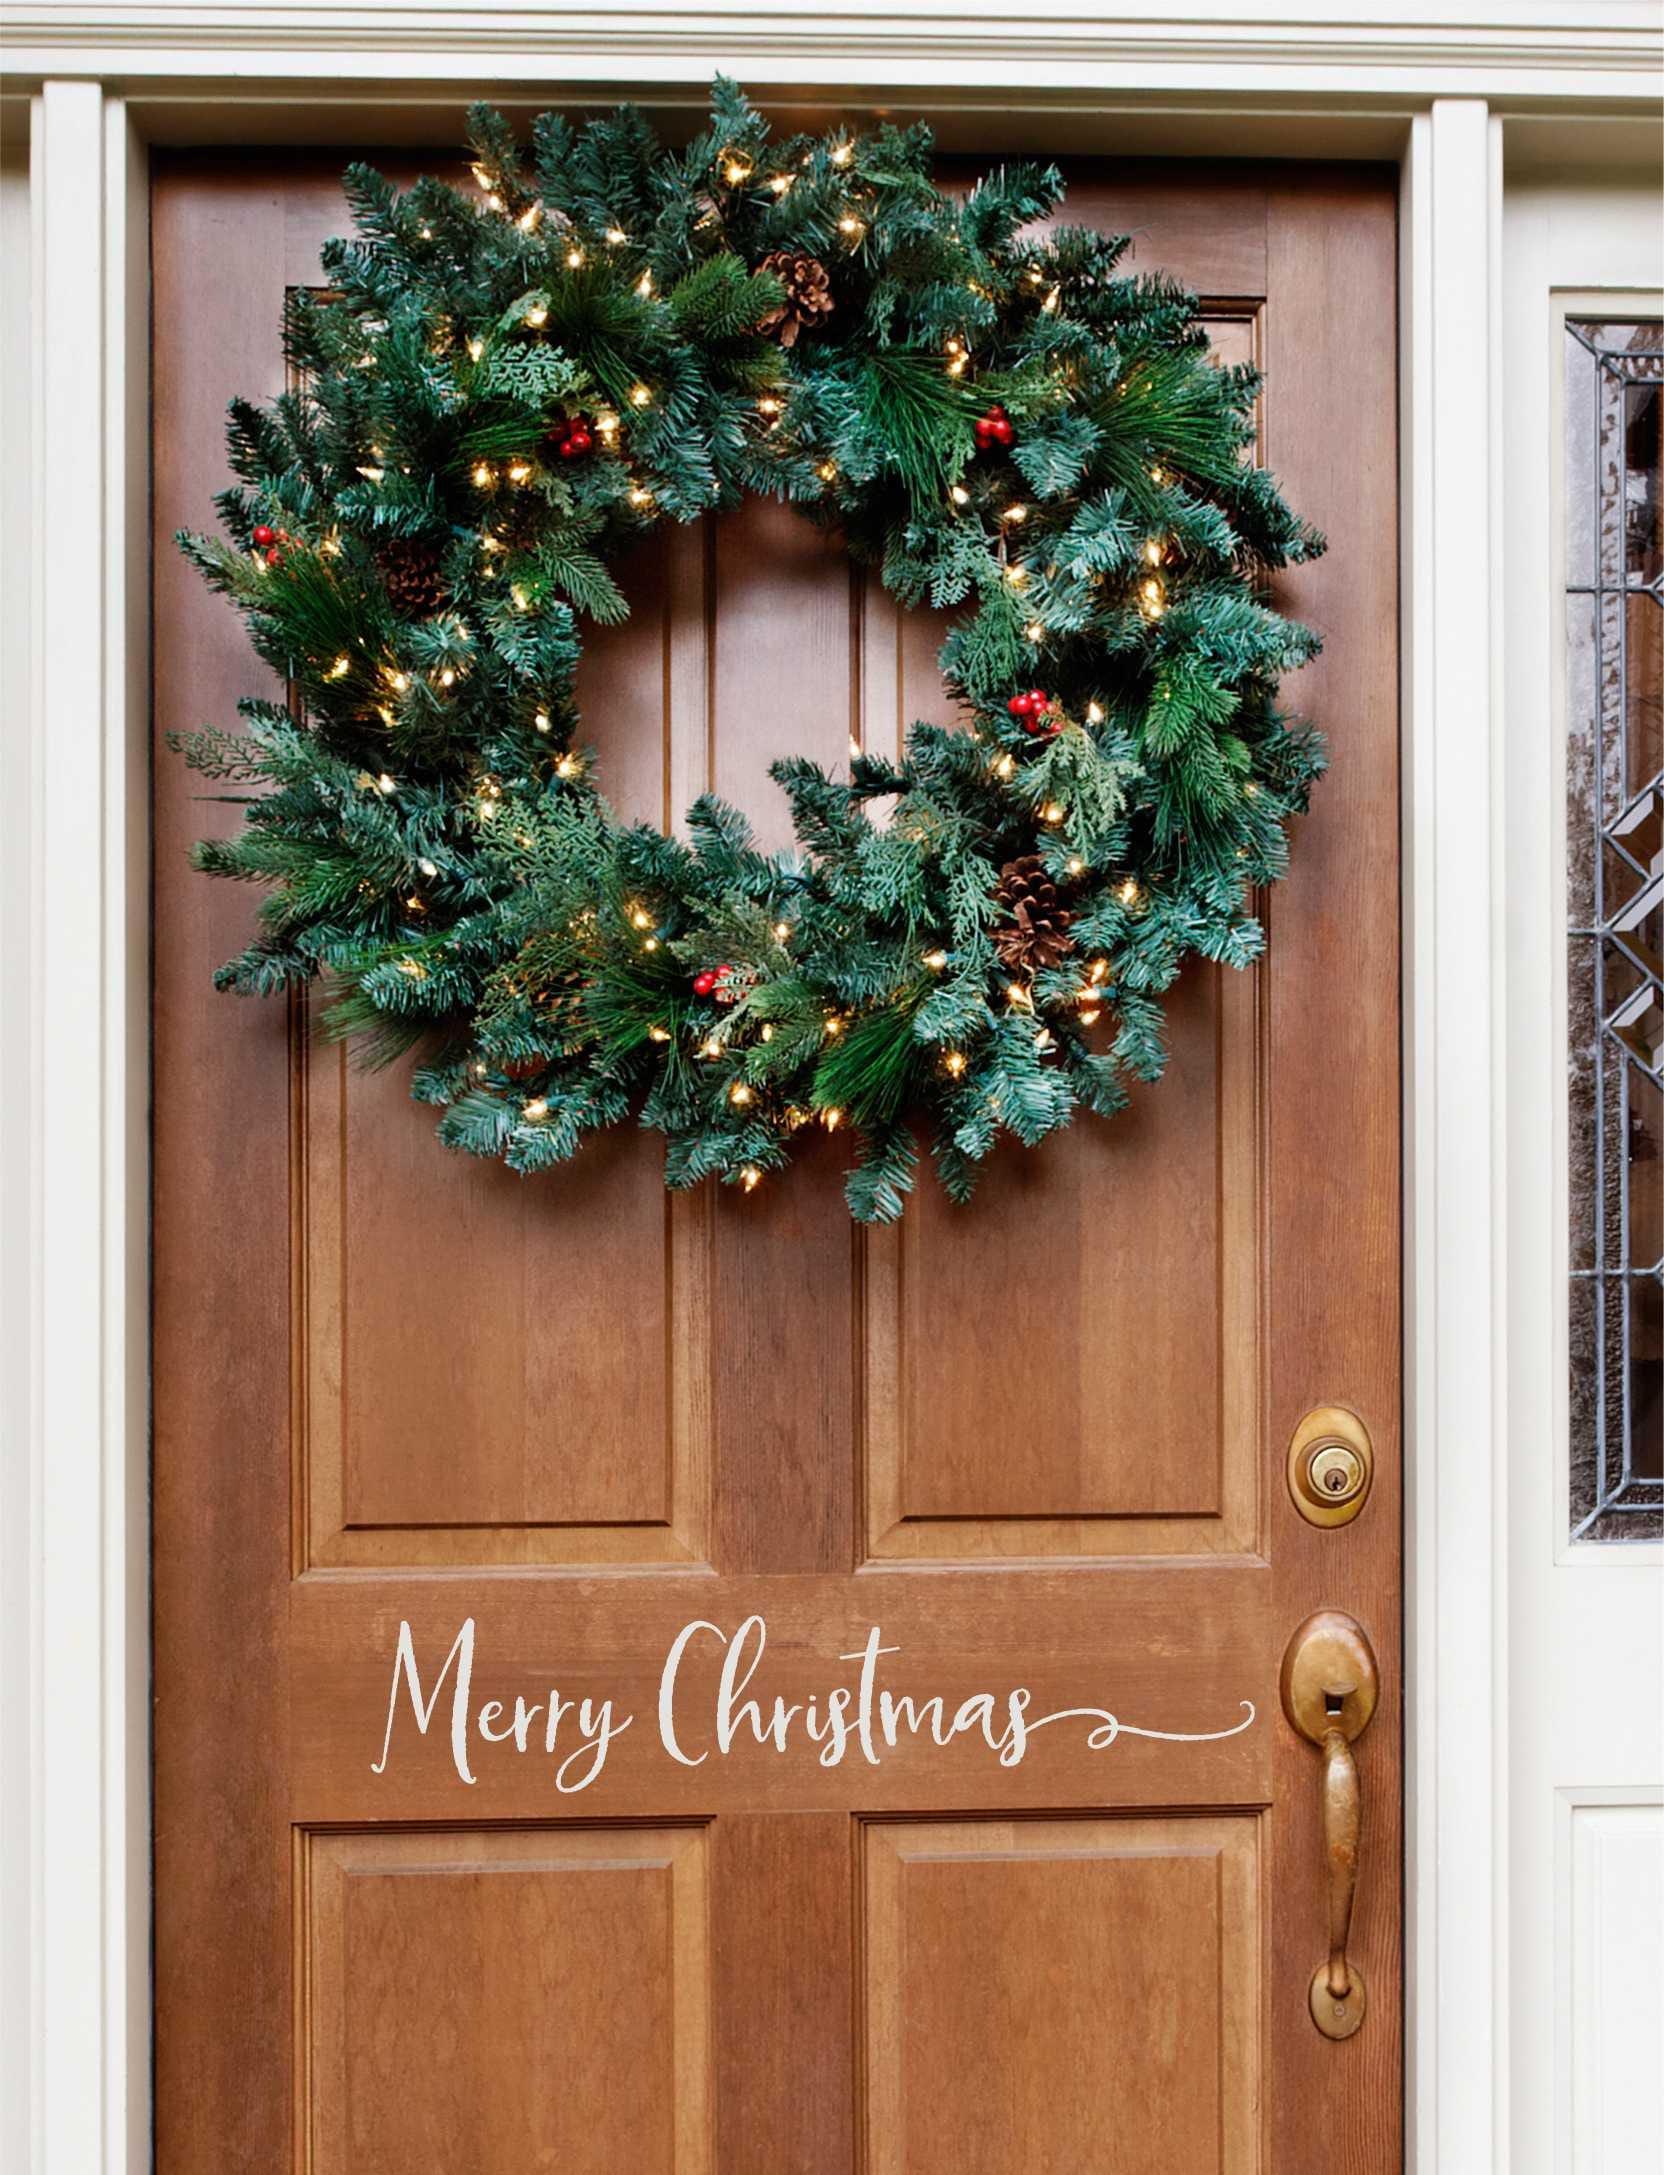 ... Front Door Christmas Vinyl. Gallery Photo Gallery Photo Gallery Photo  ...